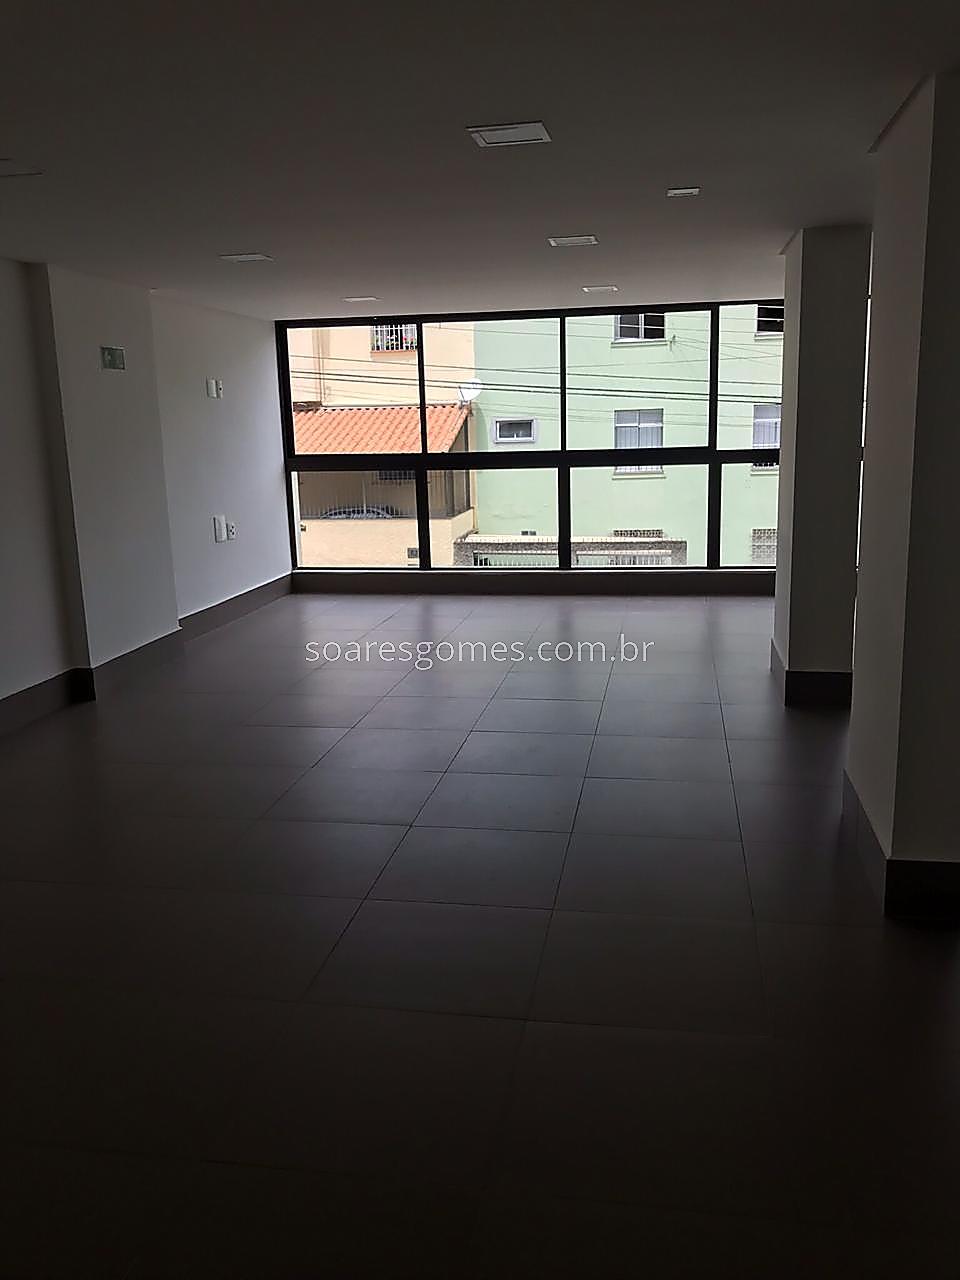 Apartamento à venda em Bom Pastor, Juiz de Fora - MG - Foto 11